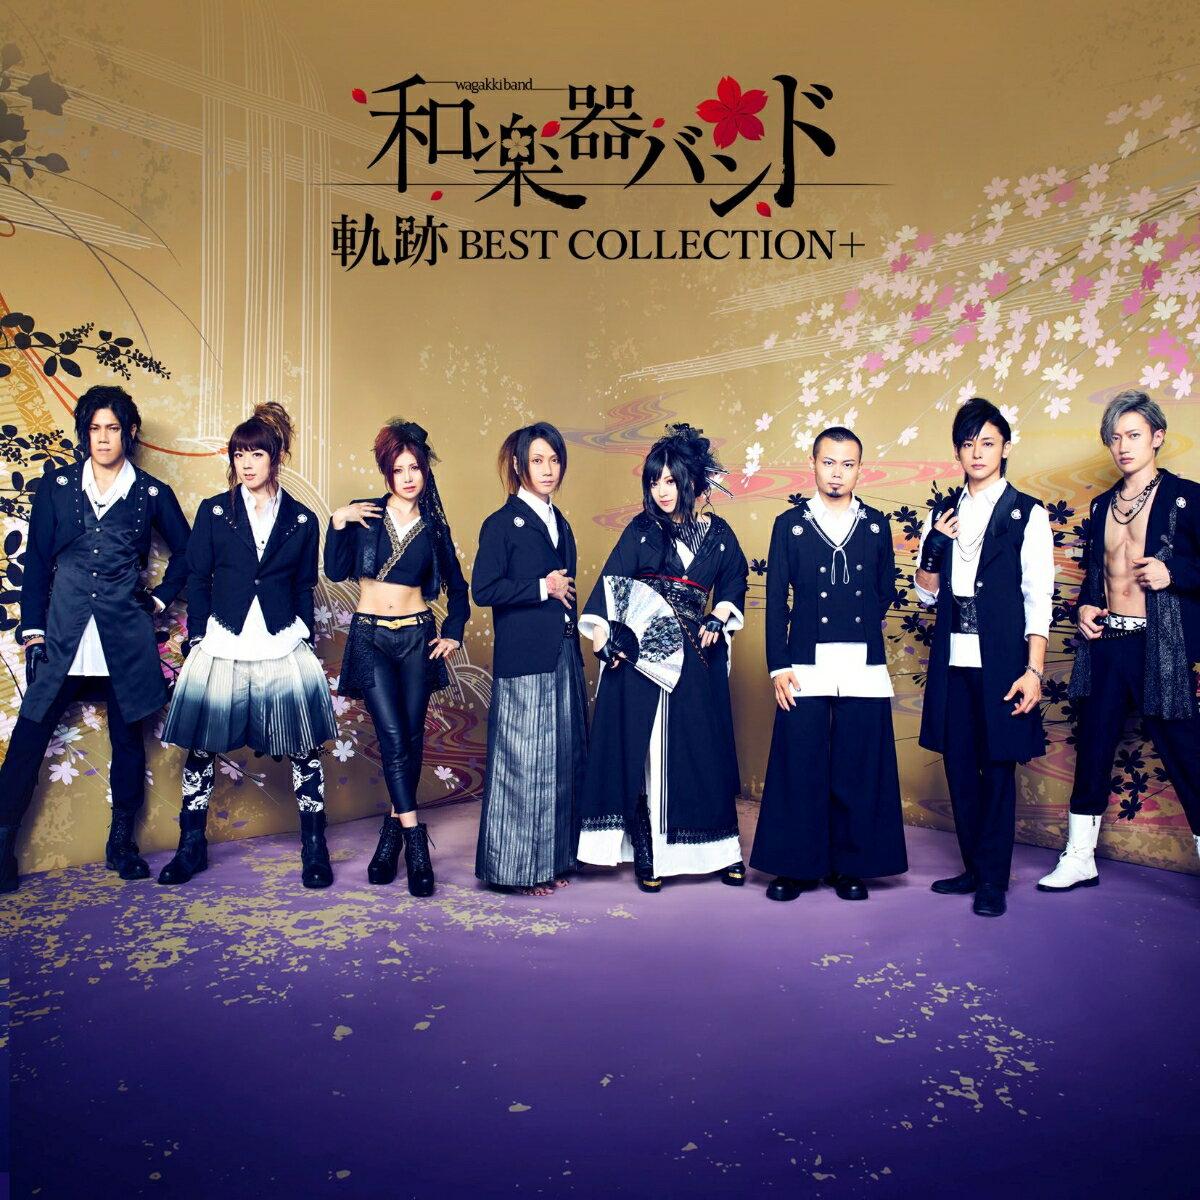 【先着特典】軌跡 BEST COLLECTION+ (CD Only盤 スマプラ) (B2ポスター付き) [ 和楽器バンド ]